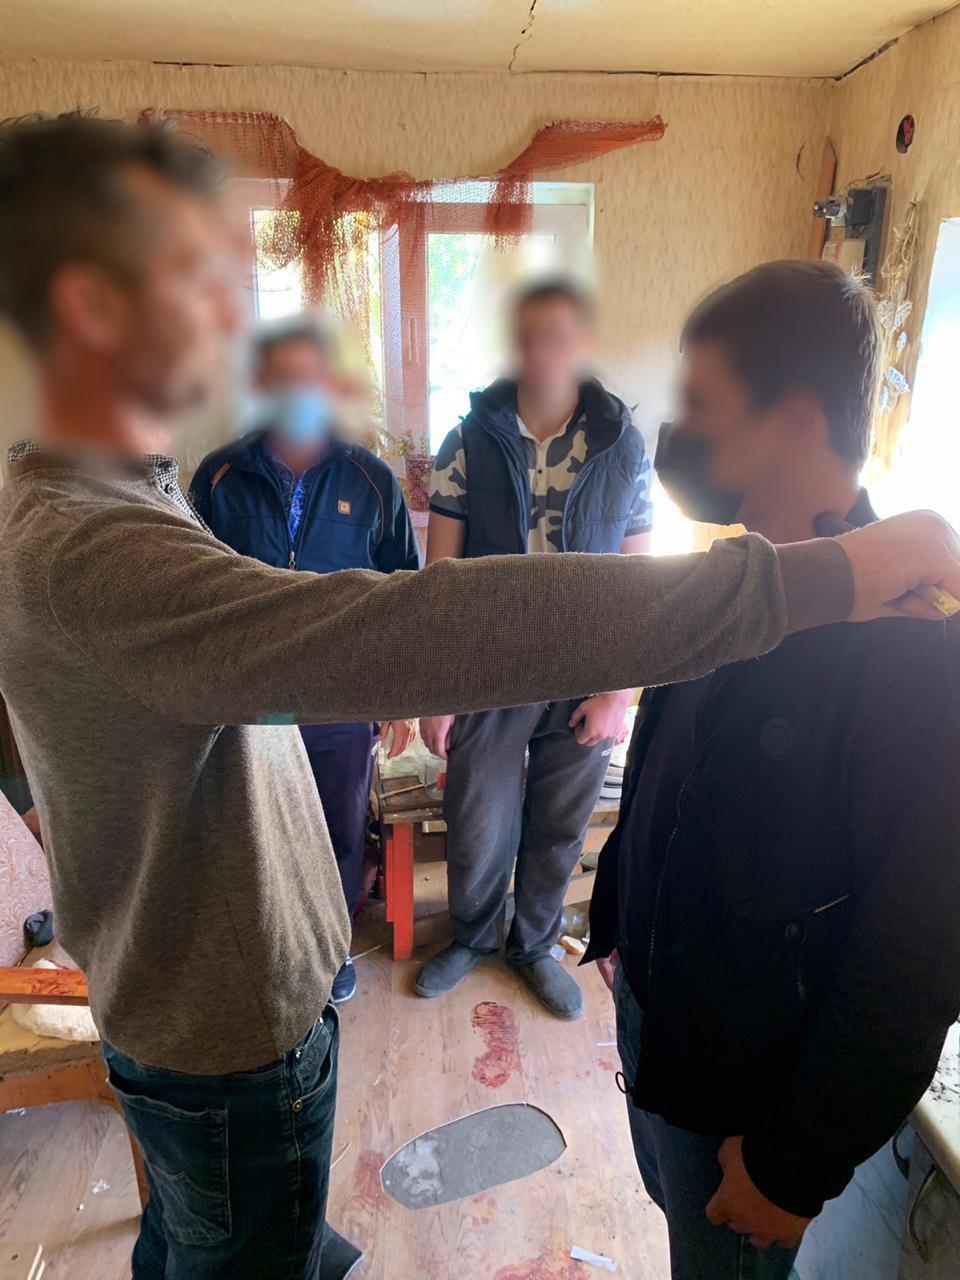 Фото: пресс-служба СКР России по Ставрополью